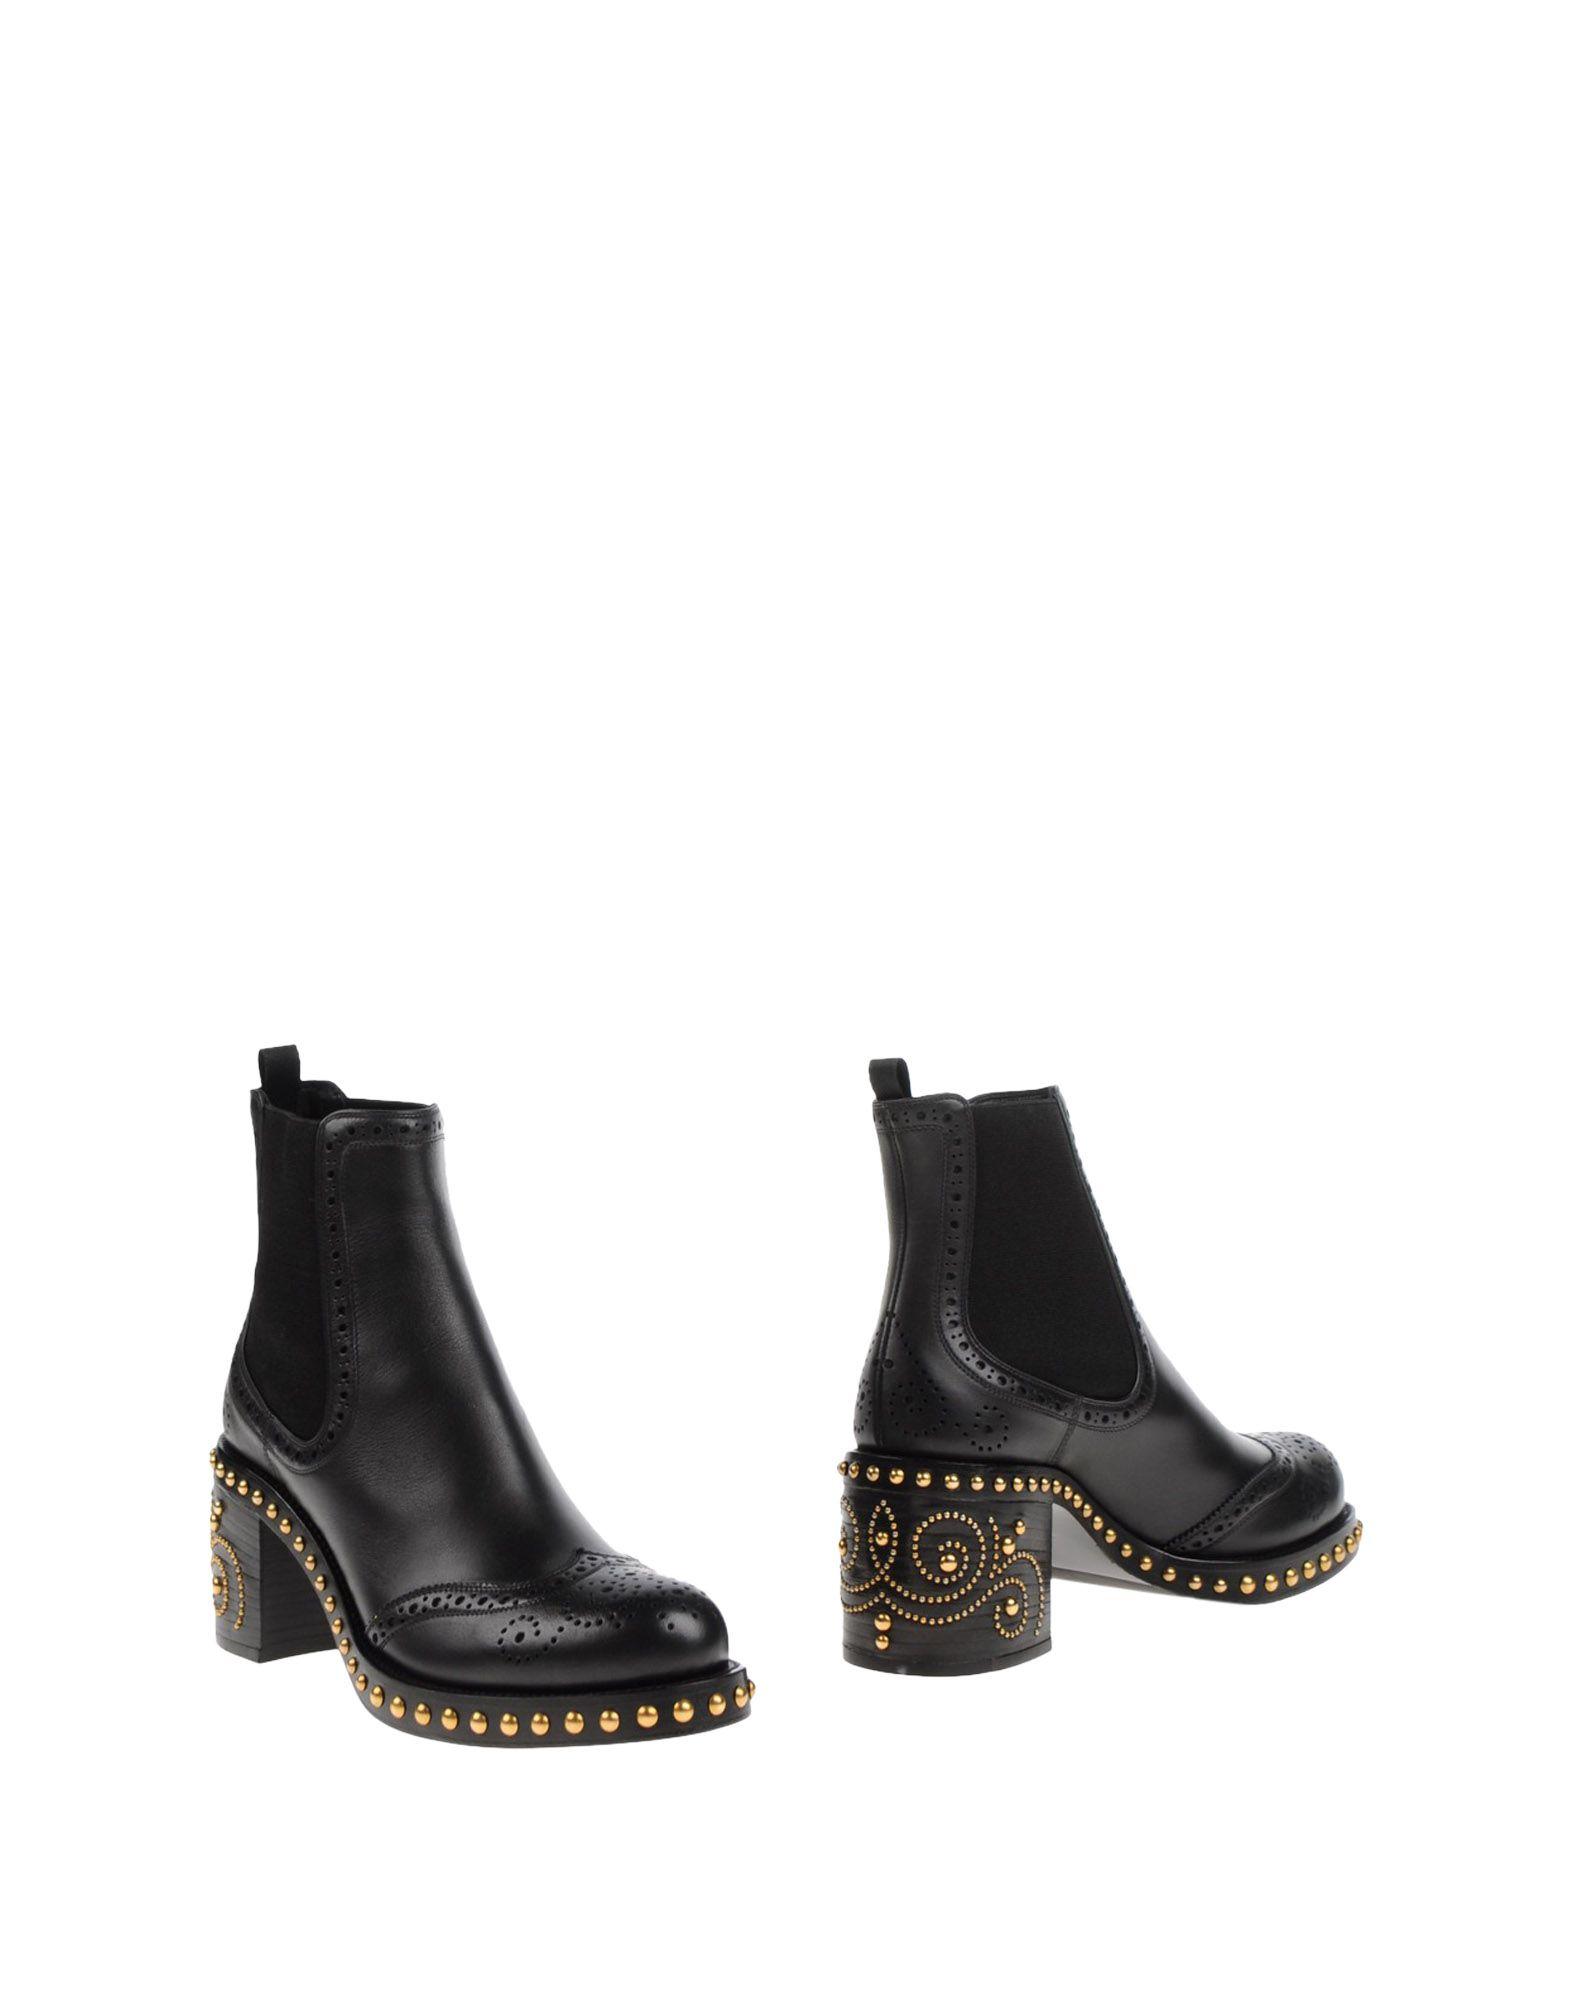 Bottine Miu Miu Femme - Dernières Bottines Miu Miu Noir Dernières - chaussures discount pour hommes et femmes cea160